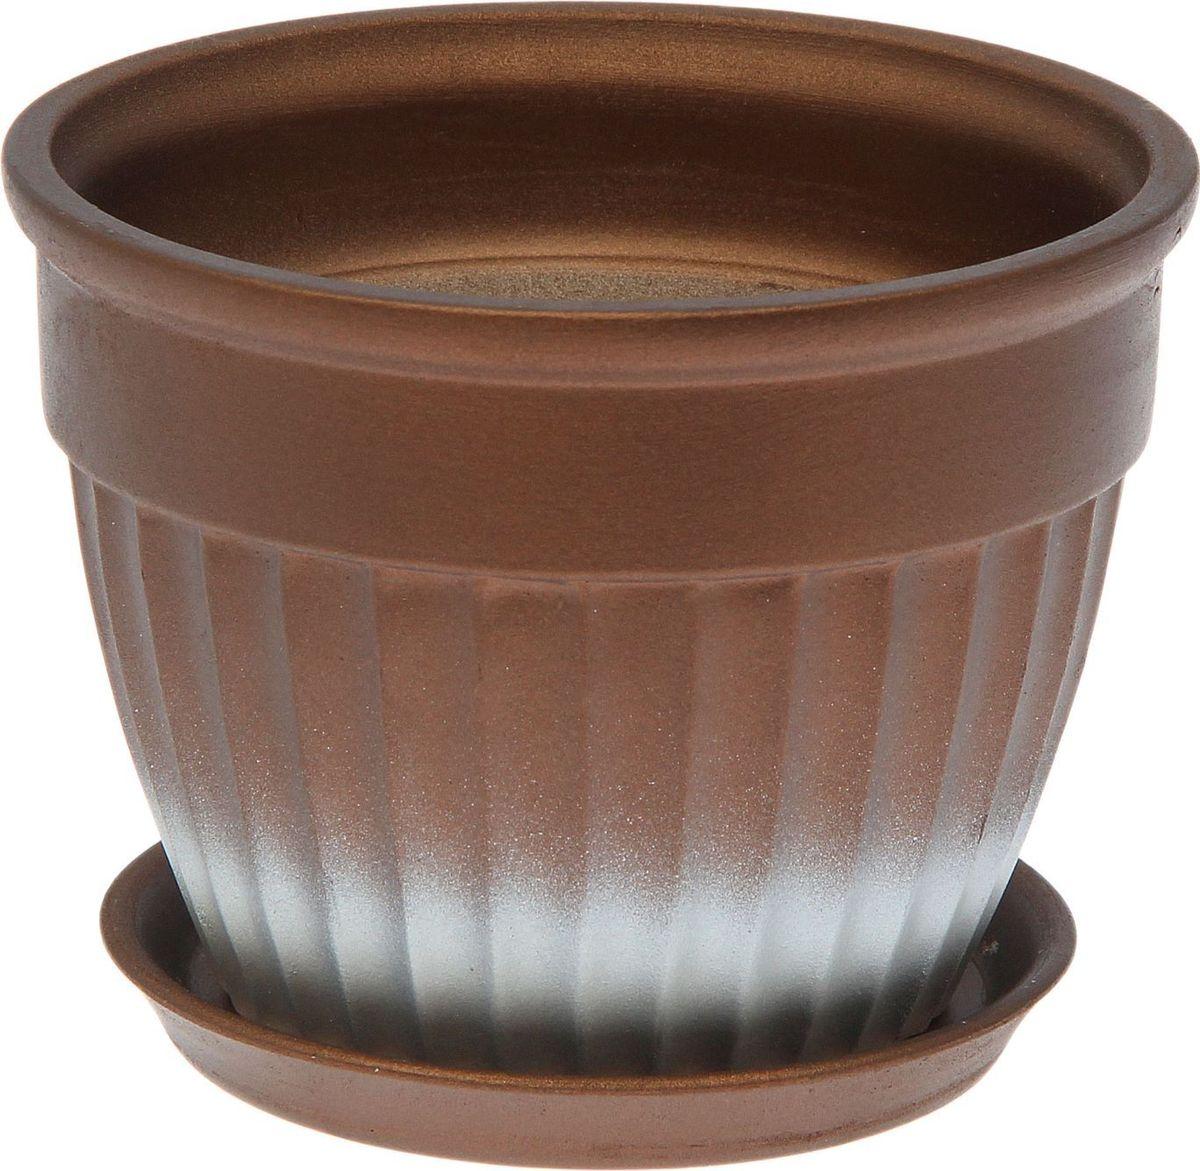 Кашпо Керамика ручной работы Ромашка, цвет: темно-коричневый, 0,5 л1062710Комнатные растения — всеобщие любимцы. Они радуют глаз, насыщают помещение кислородом и украшают пространство. Каждому из них необходим свой удобный и красивый дом. Кашпо из керамики прекрасно подходят для высадки растений: за счет пластичности глины и разных способов обработки существует великое множество форм и дизайнов пористый материал позволяет испаряться лишней влаге воздух, необходимый для дыхания корней, проникает сквозь керамические стенки! позаботится о зеленом питомце, освежит интерьер и подчеркнет его стиль.